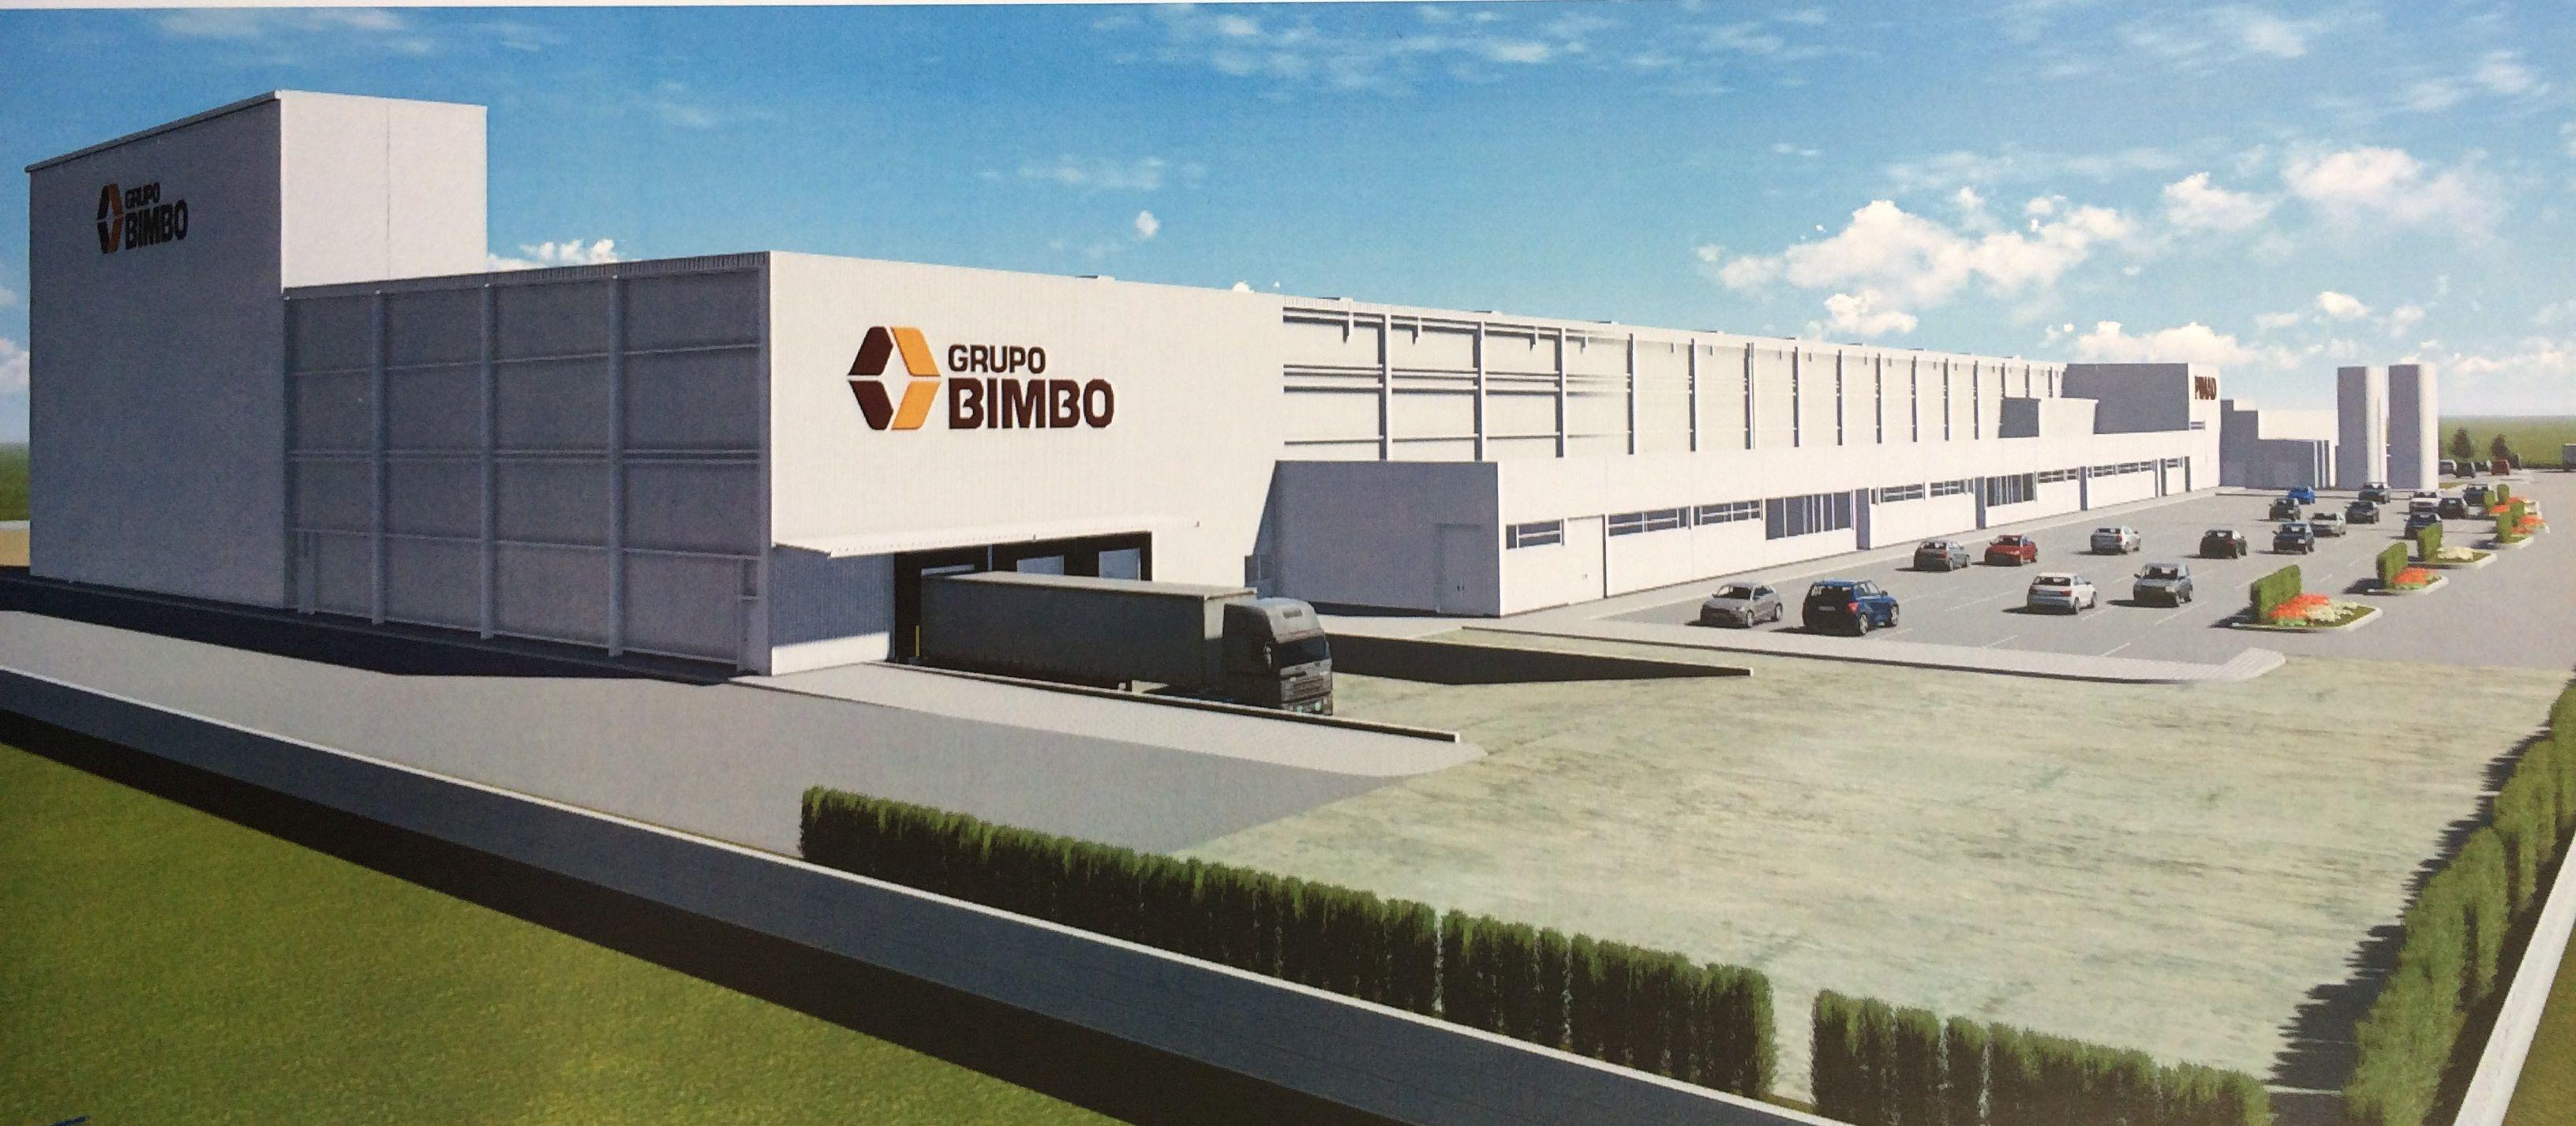 Bimbo-Guadalajara1